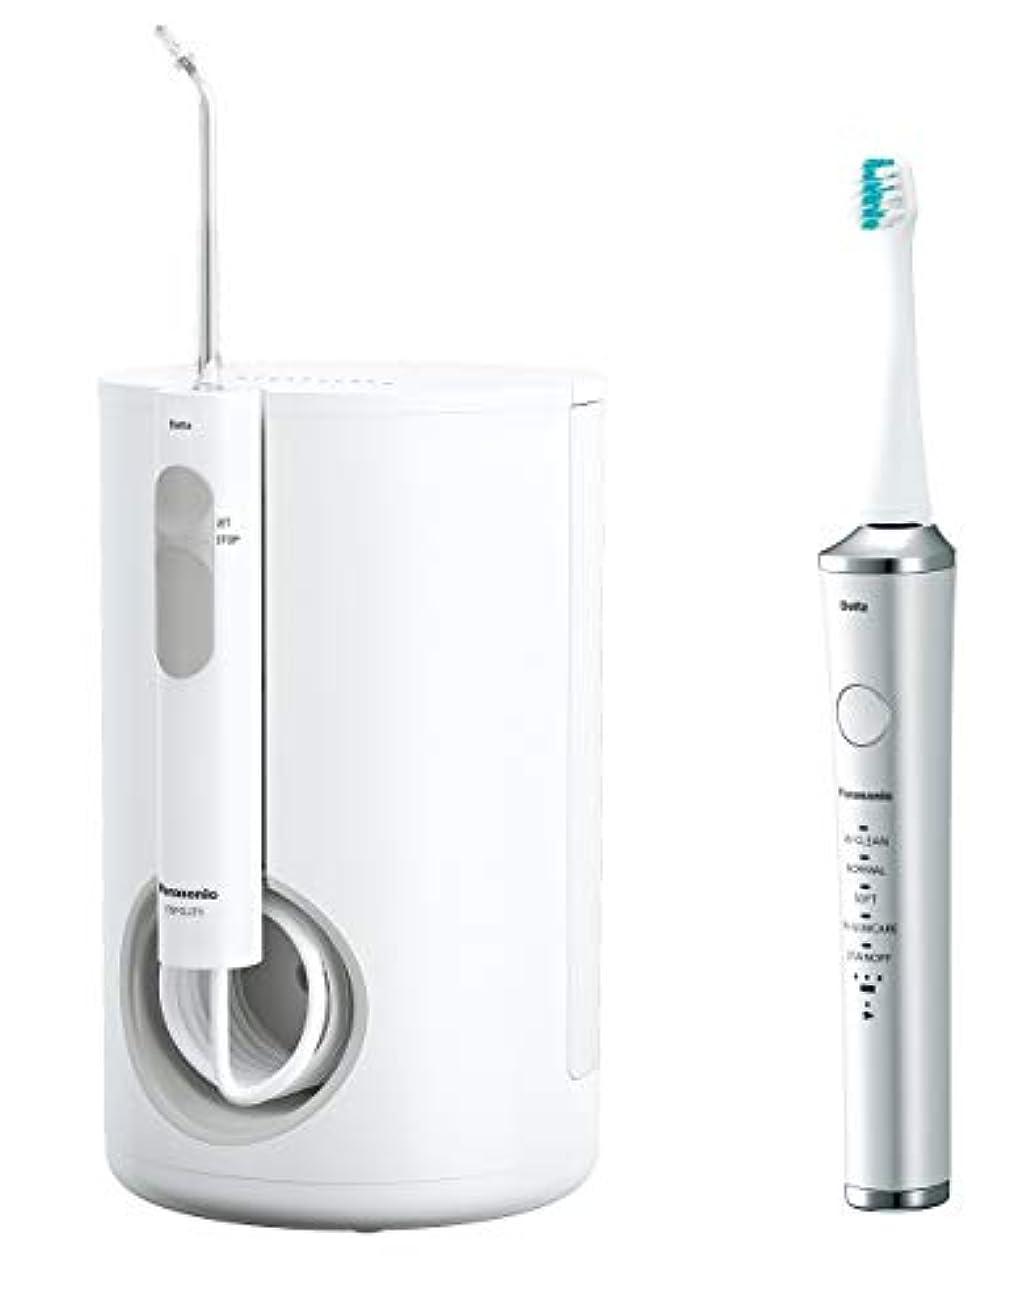 脱臼する私たち専らパナソニック 口腔洗浄器 ジェットウォッシャー ドルツ 白 EW-DJ71-W + 電動歯ブラシ ドルツ セット